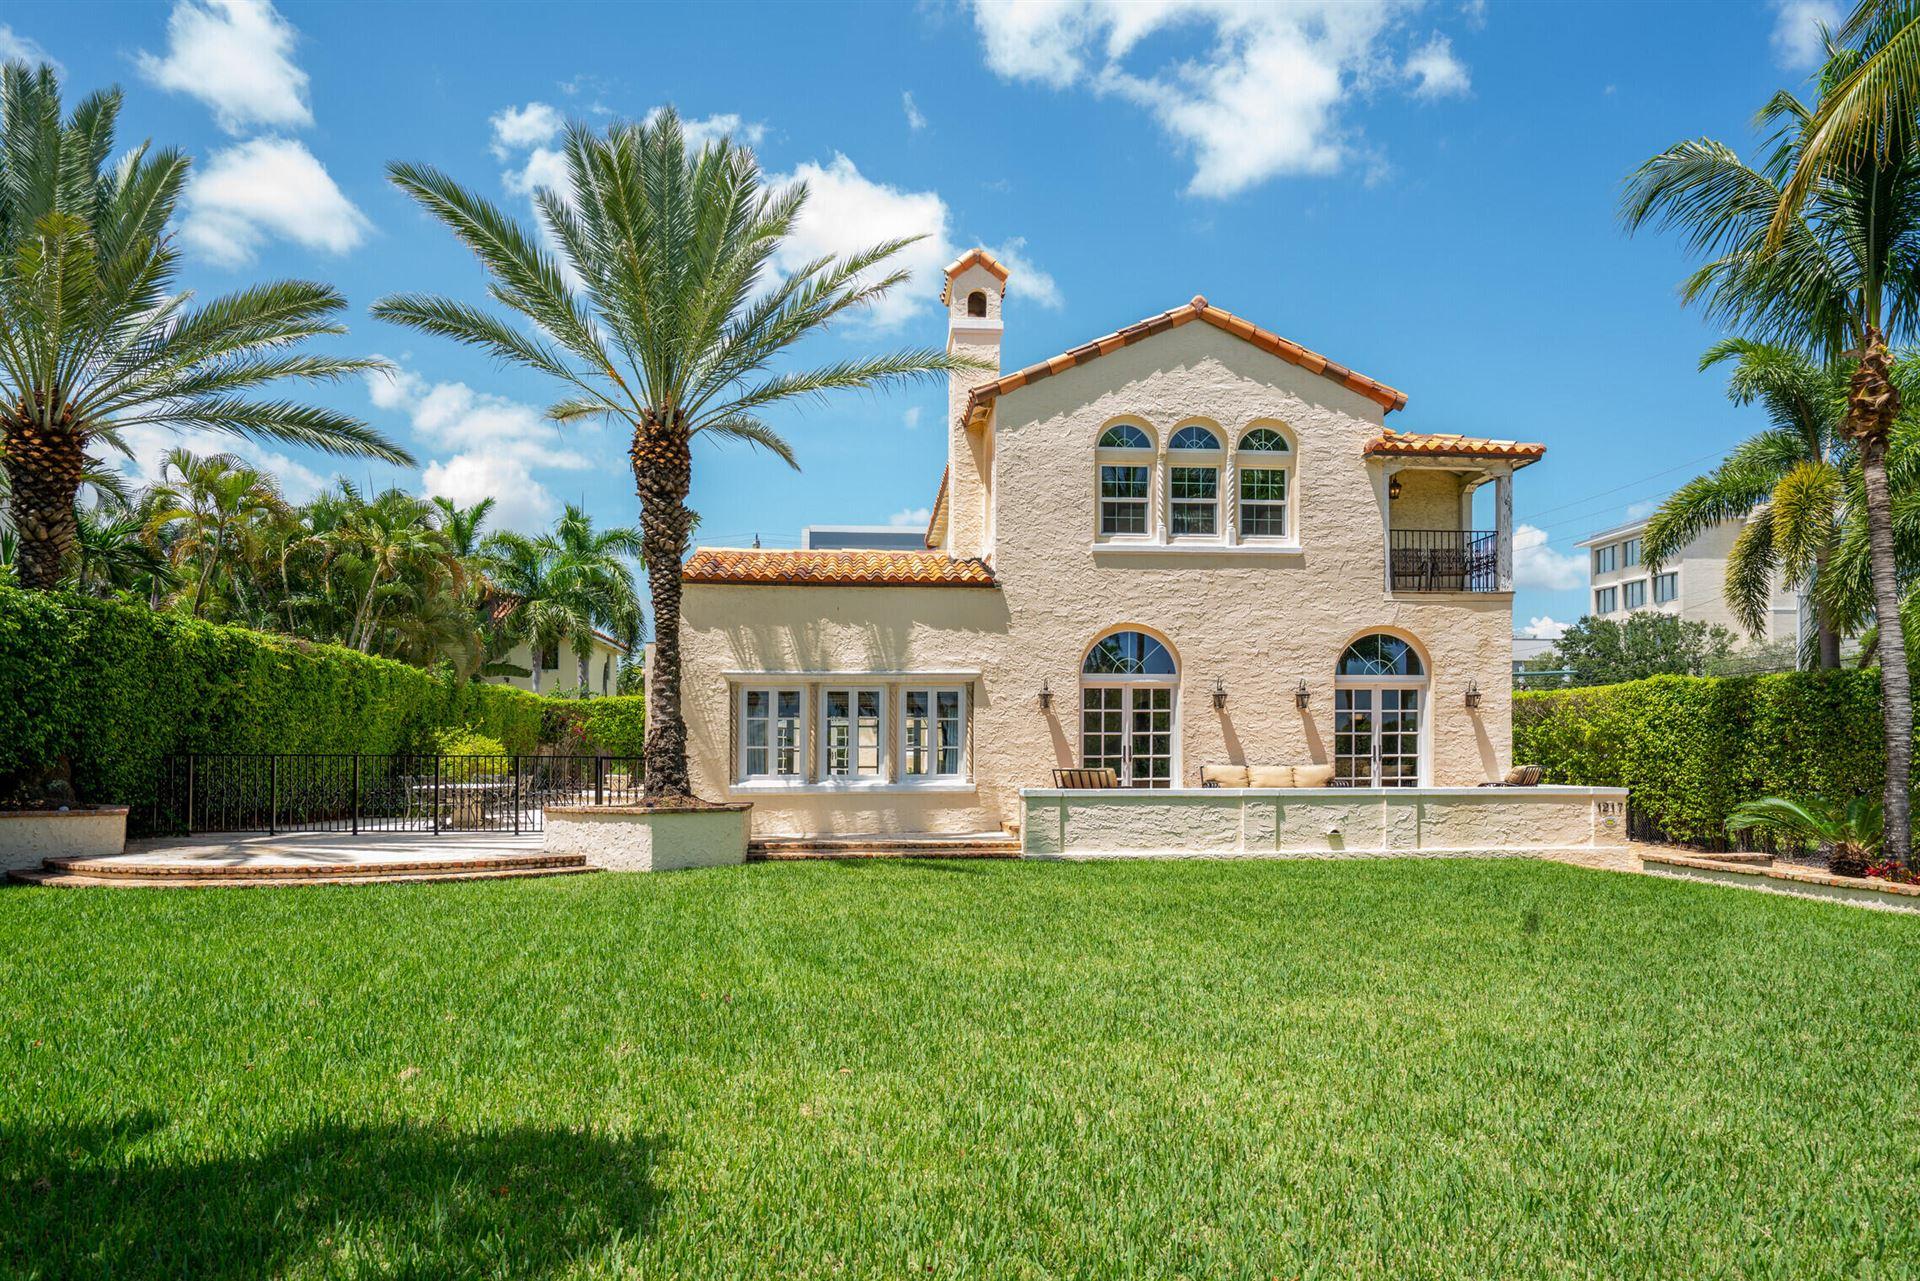 1217 N Flagler Drive, West Palm Beach, FL 33401 - MLS#: RX-10742869